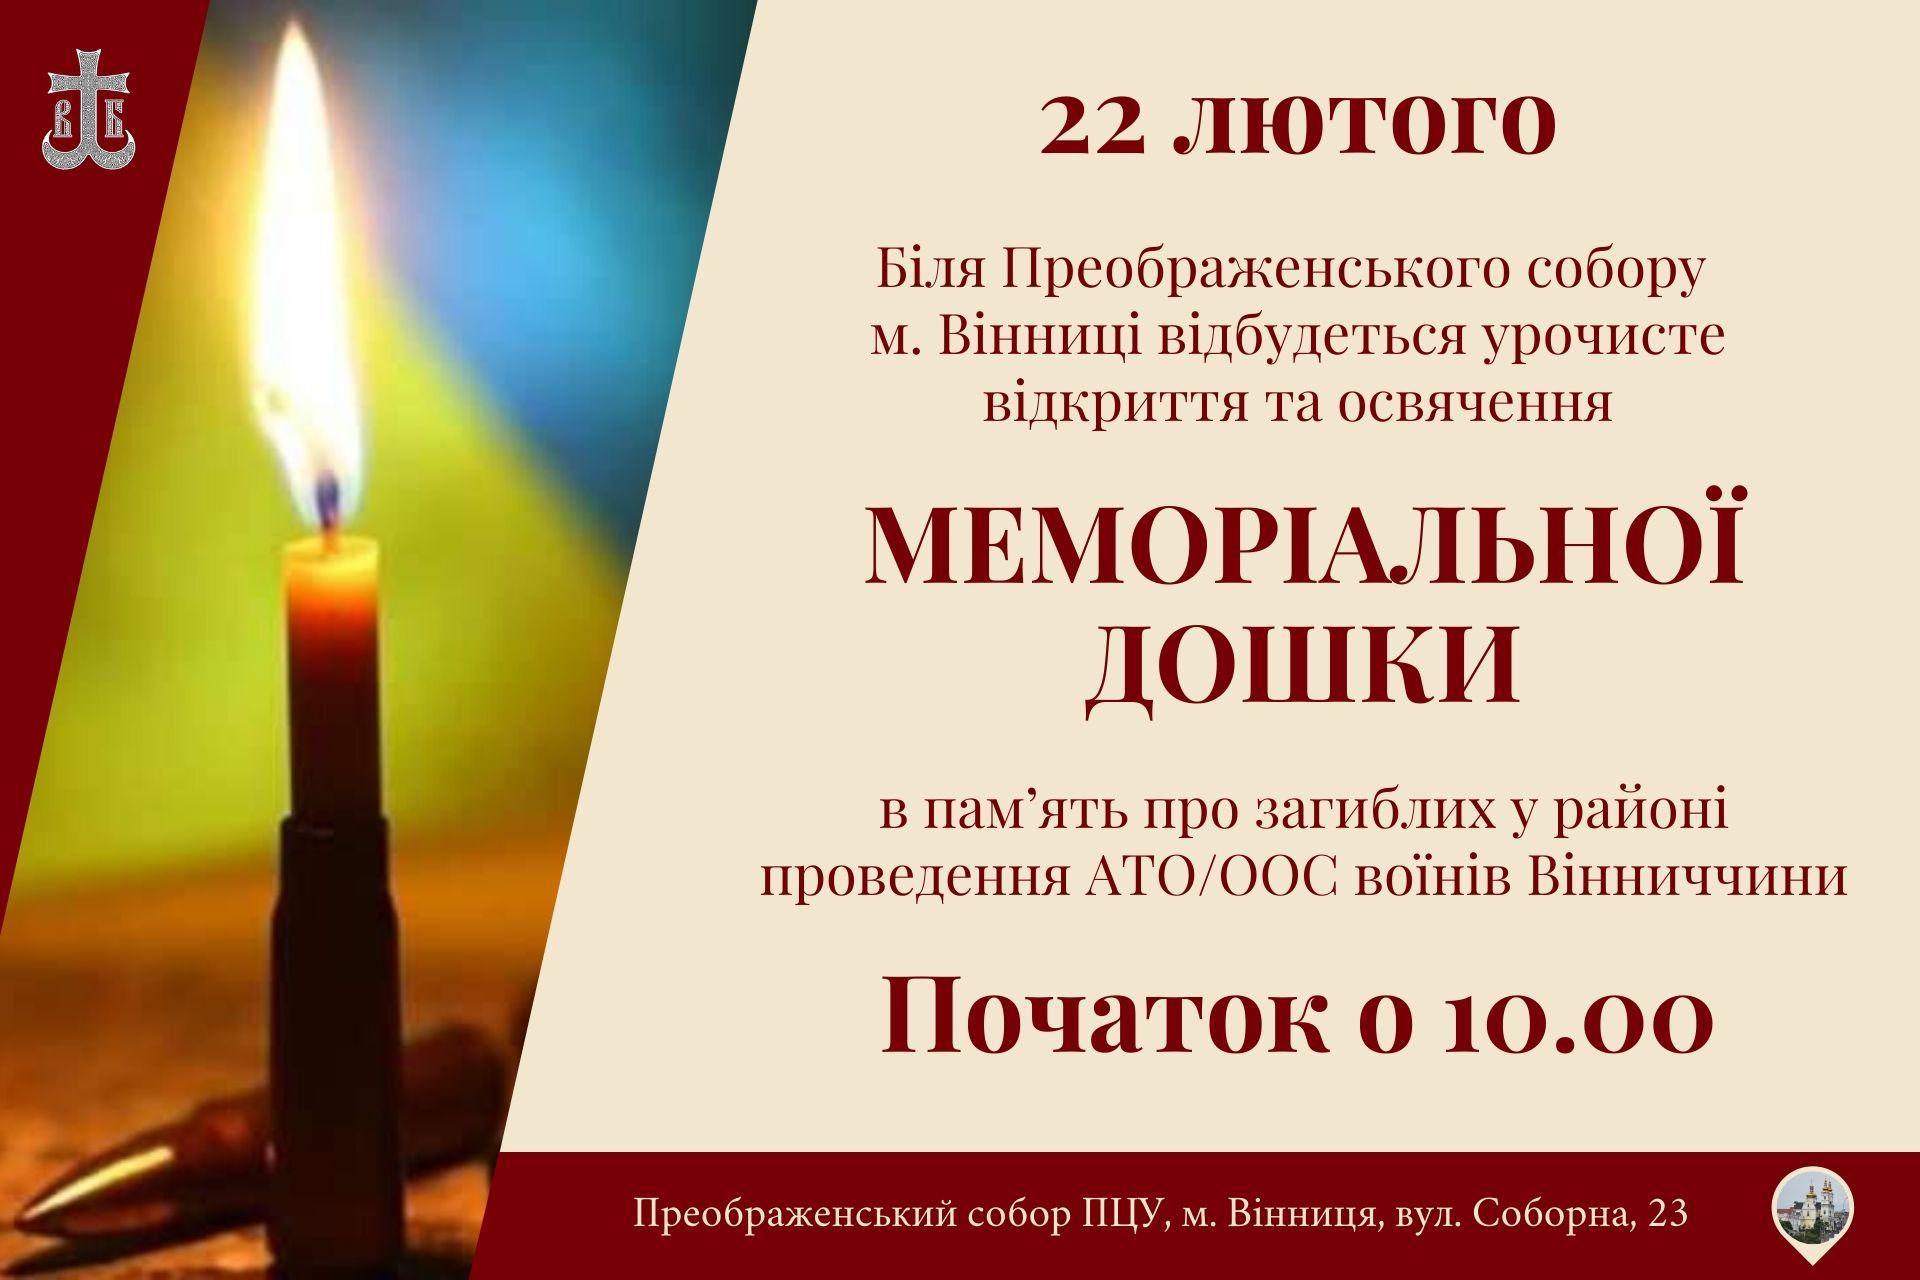 Біля собору відкриють меморіальну дошку загиблим бійцям АТО/ООС з Вінниччини (Фото)